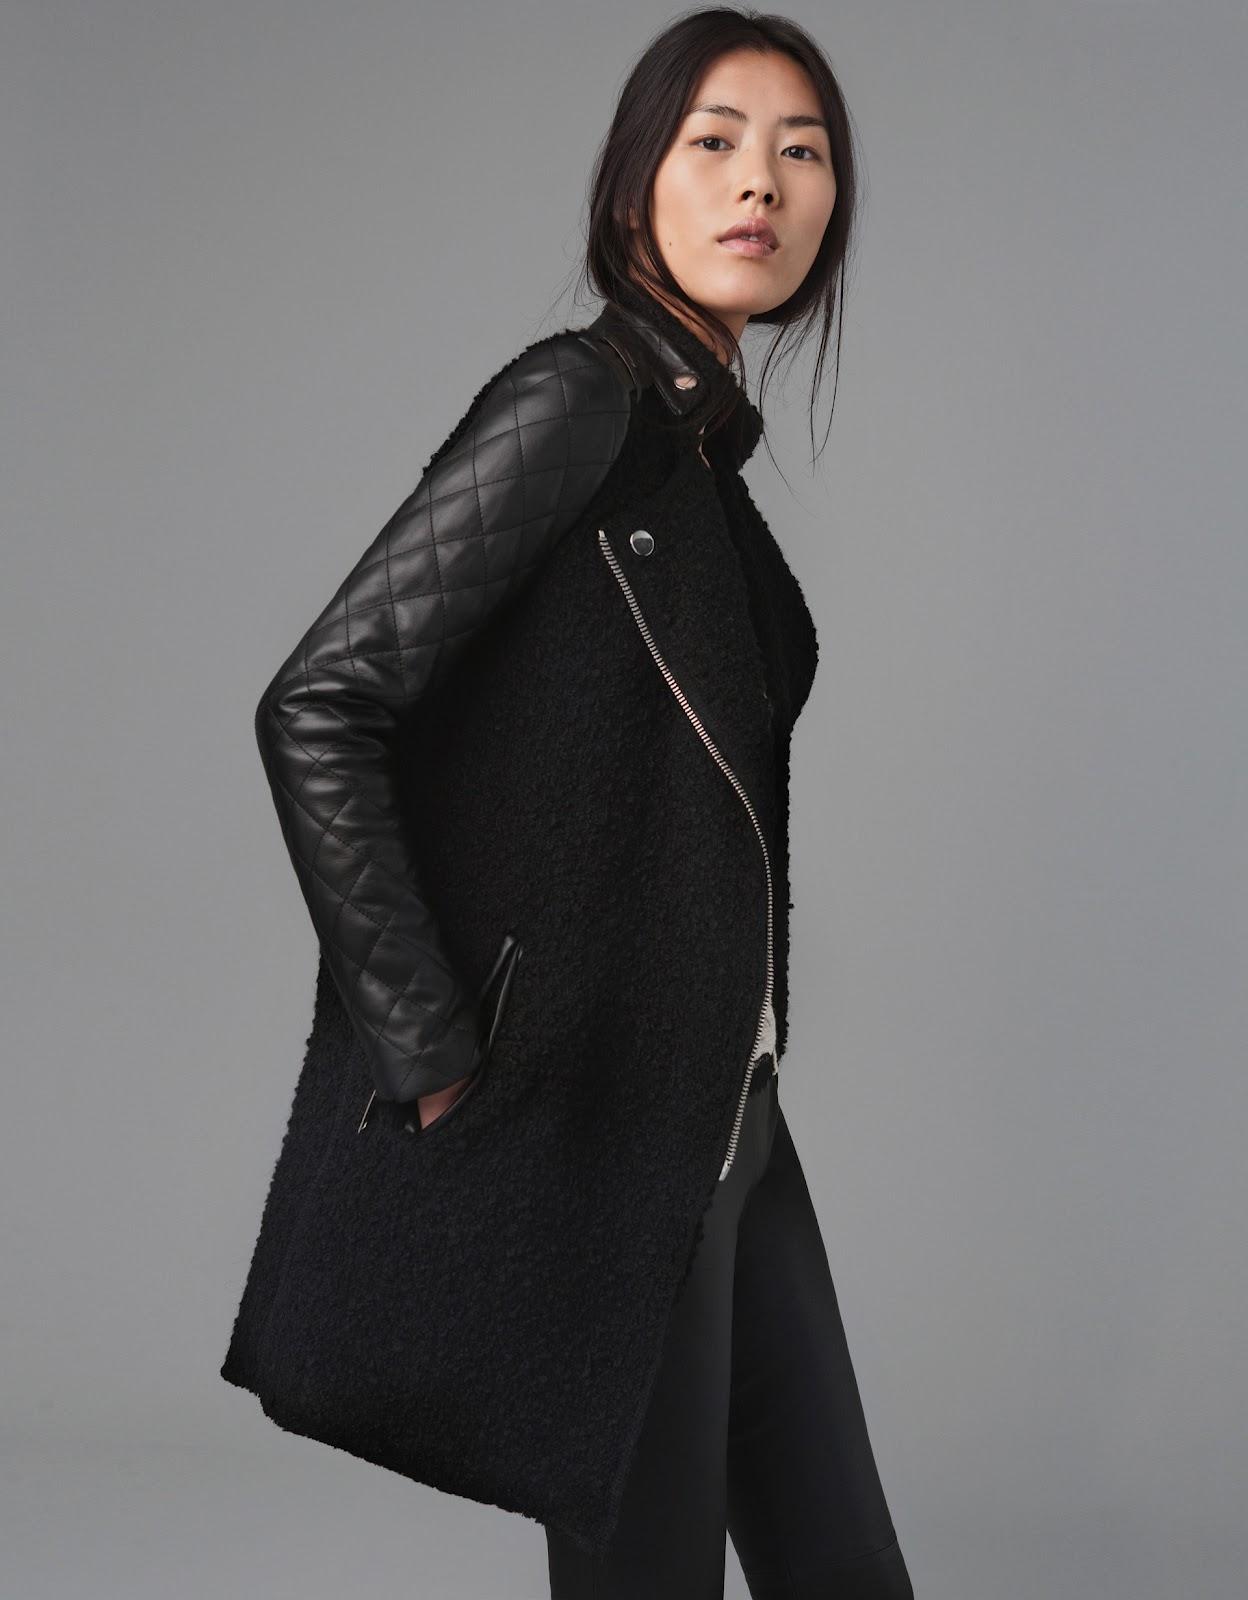 Leather Sleeved Jacket